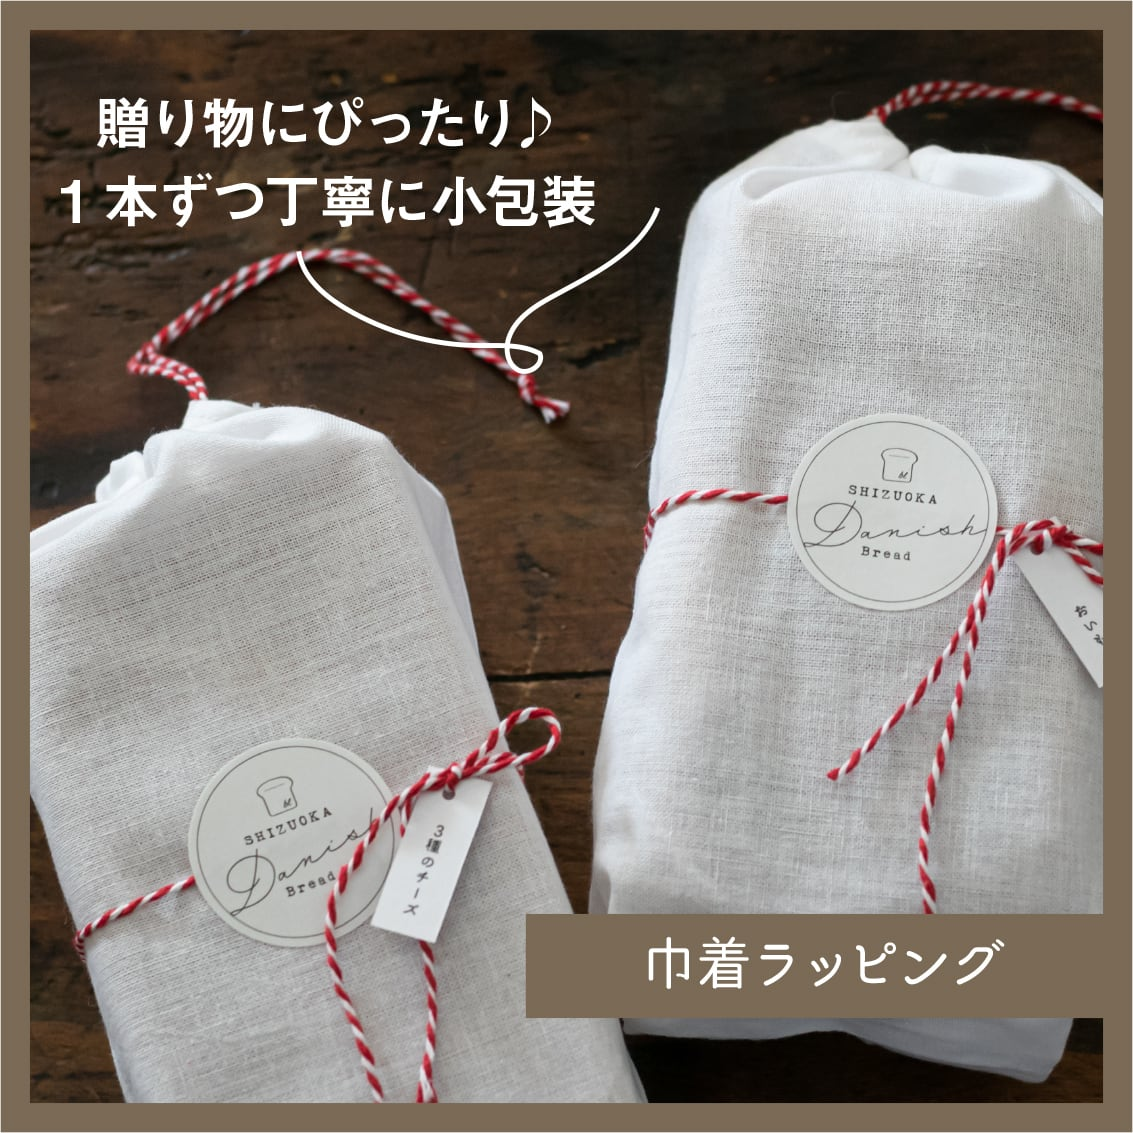 [追加購入用]巾着ラッピング